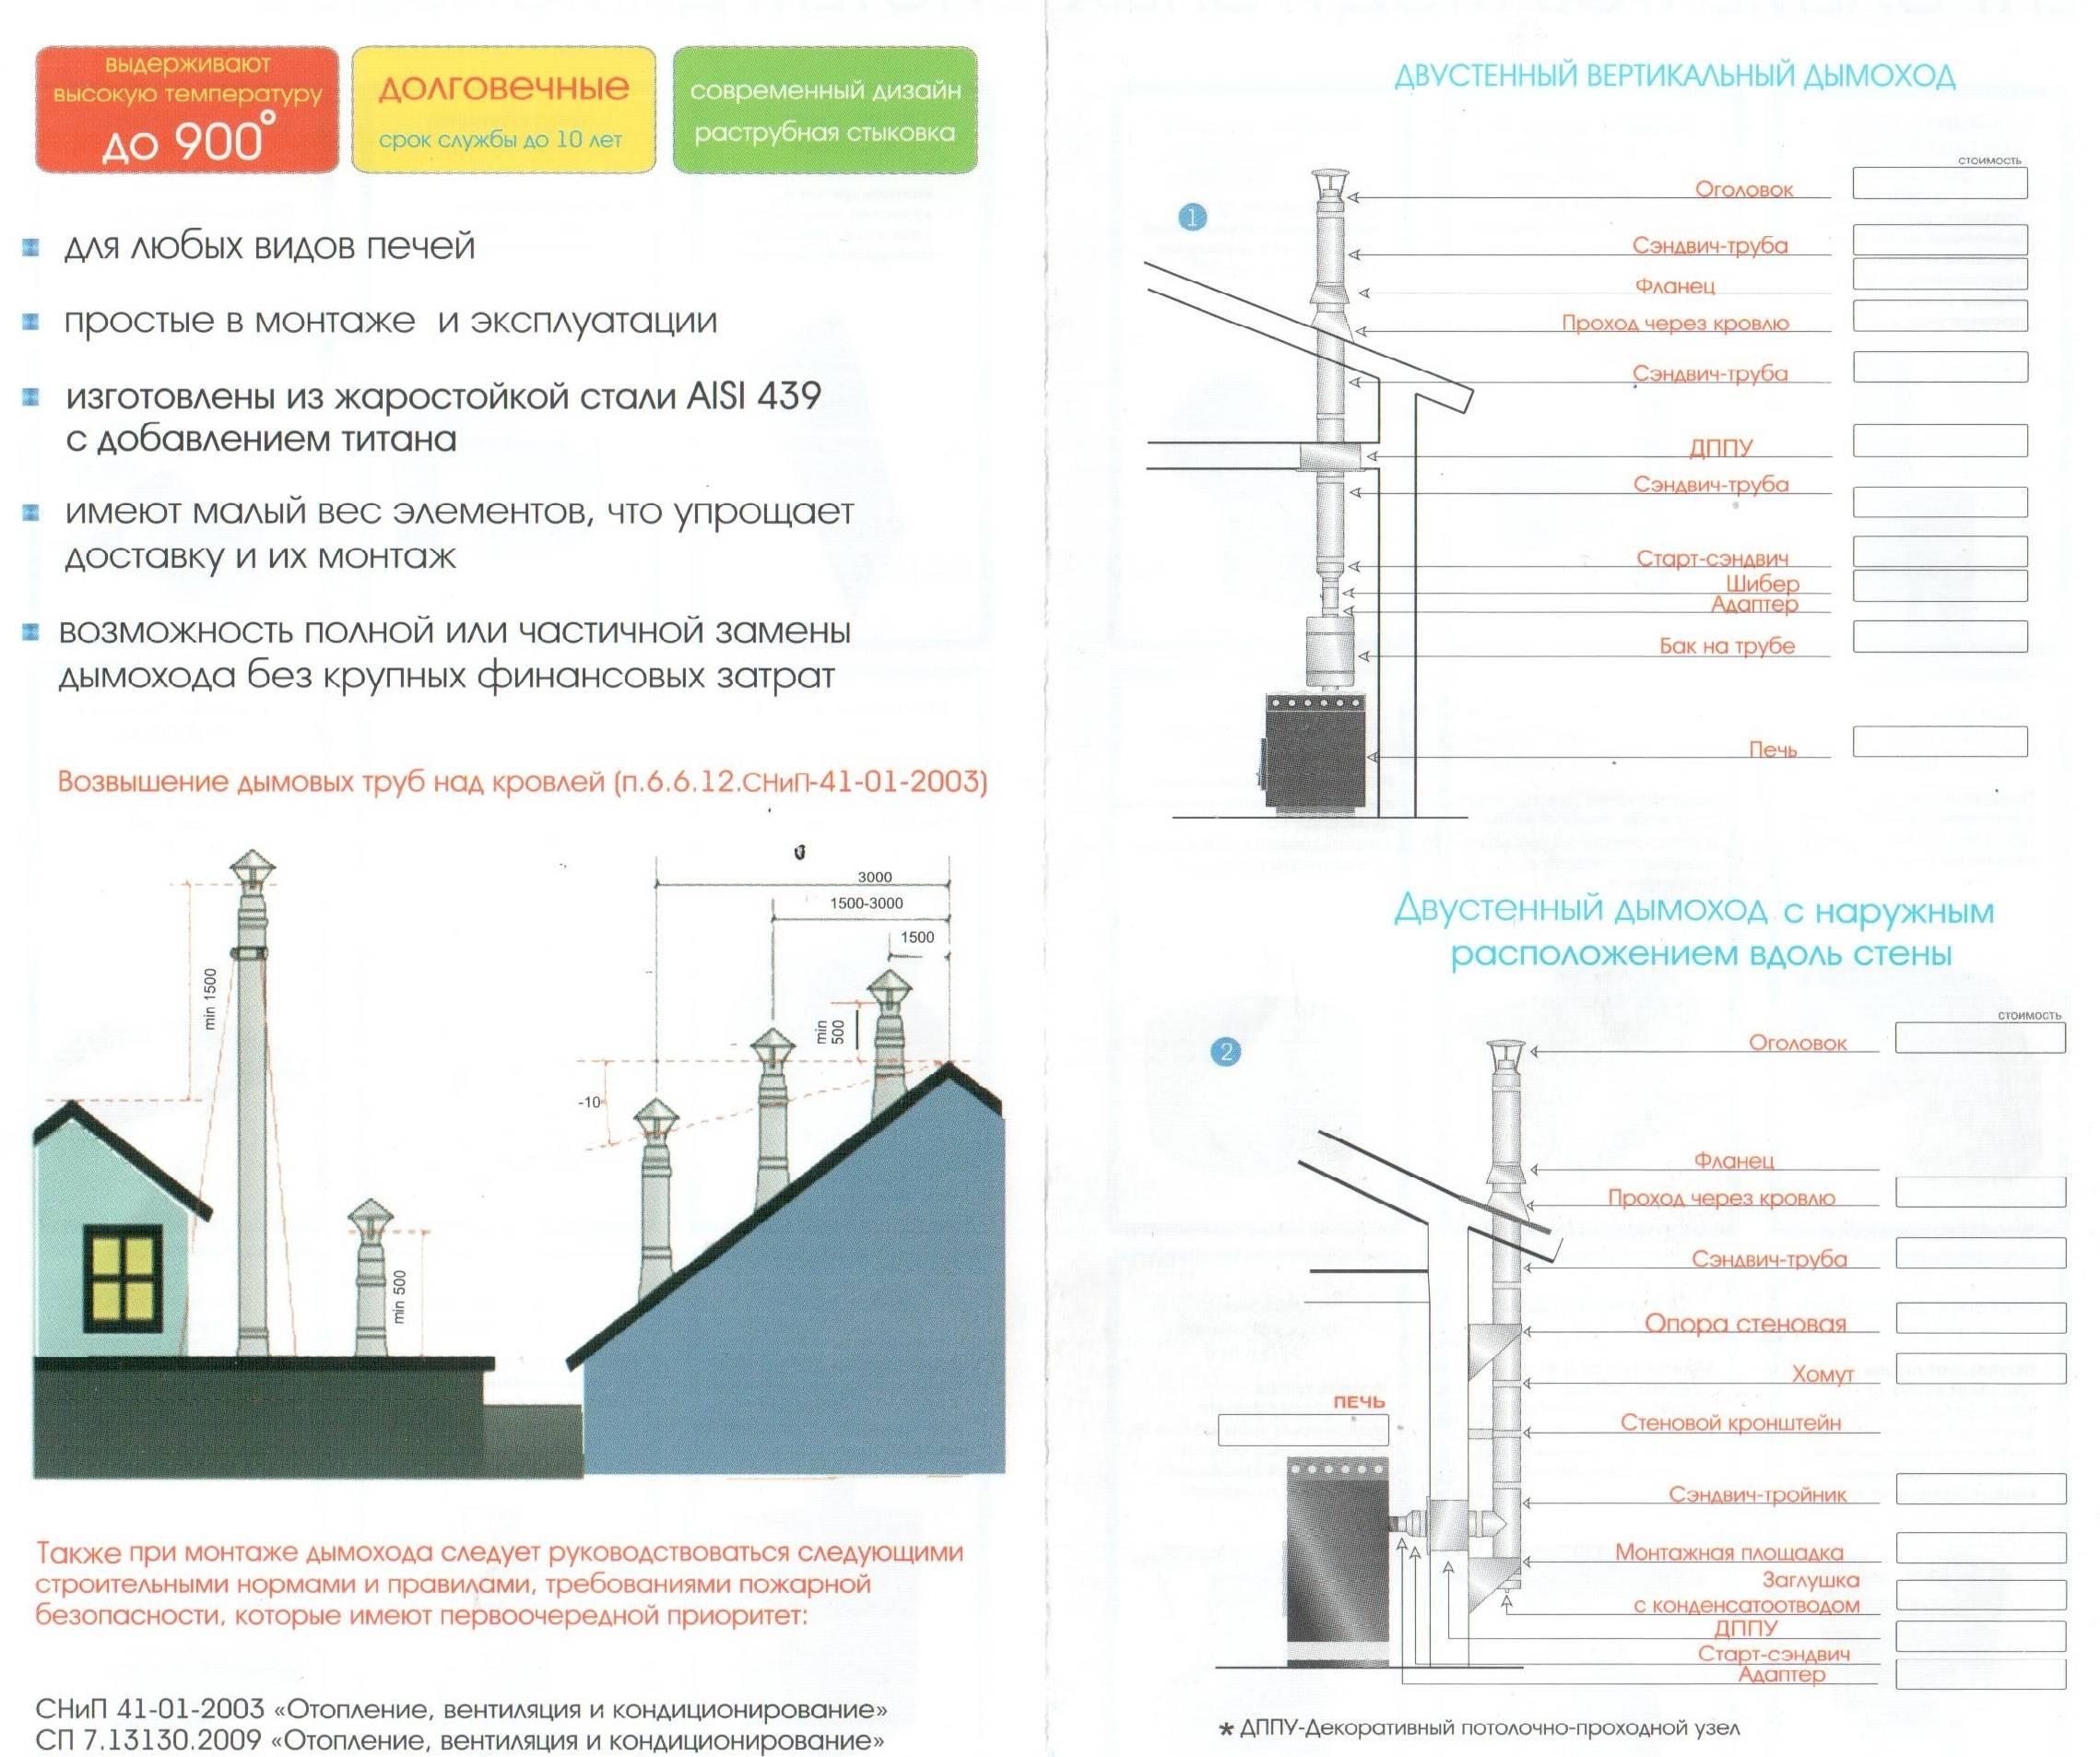 Высота вентиляционной трубы над крышей по нормам и как рассчитать точно